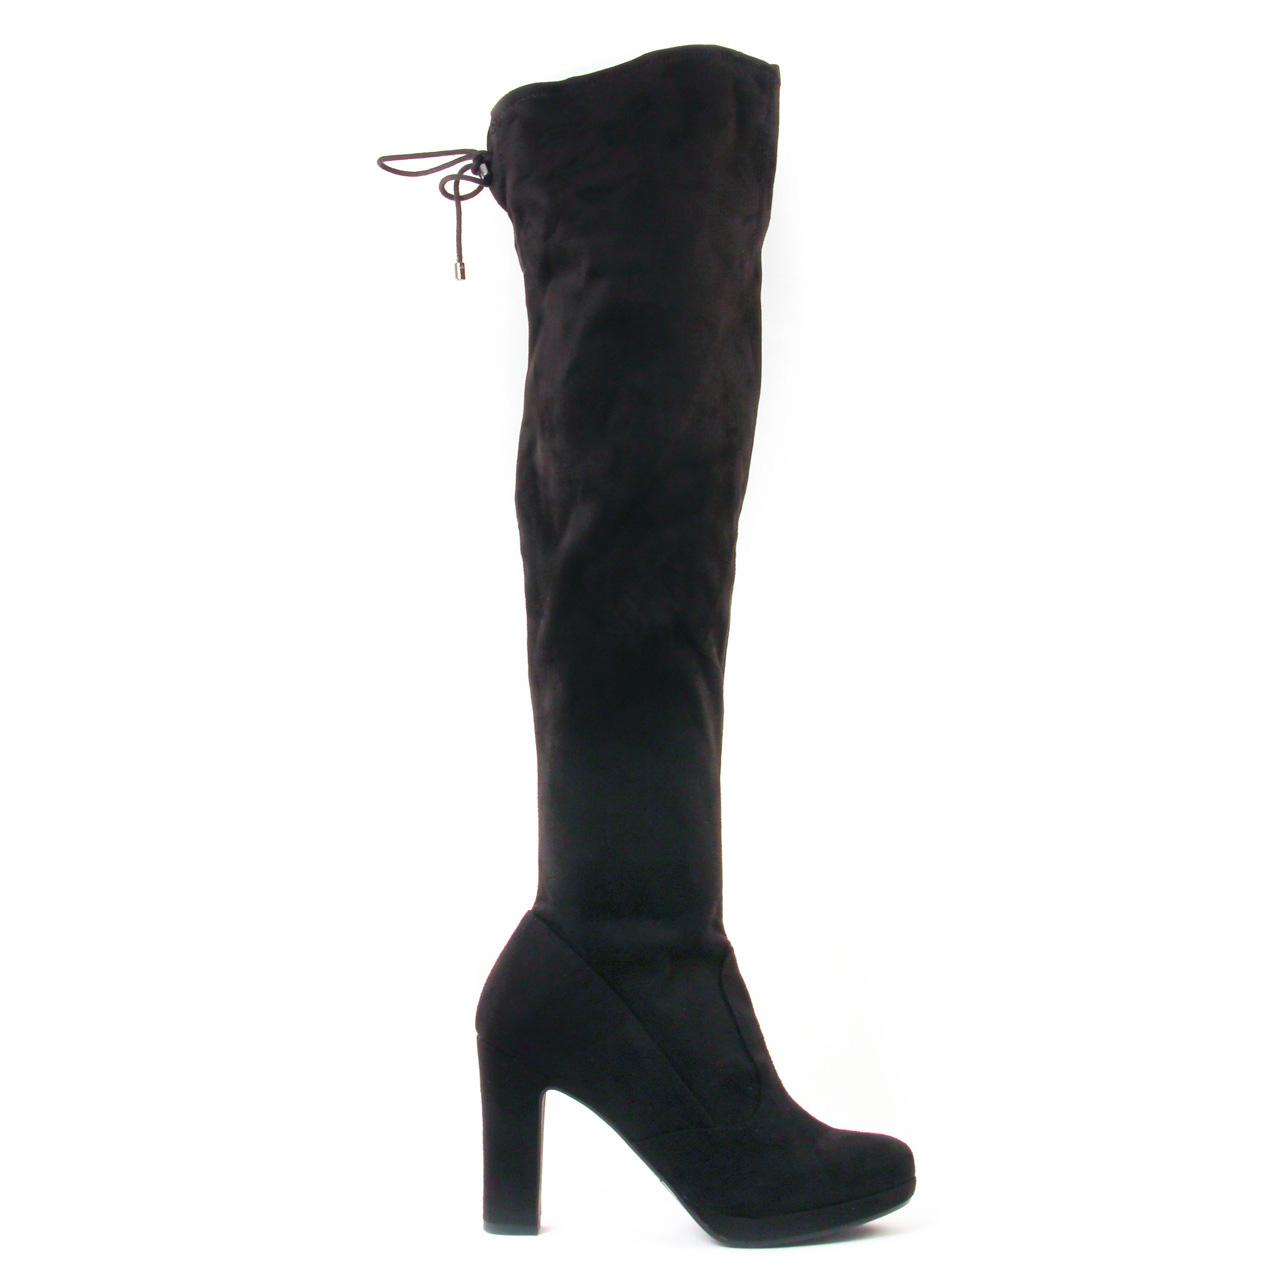 tamaris 25560 black botte cuissardes noir automne hiver chez trois par 3. Black Bedroom Furniture Sets. Home Design Ideas